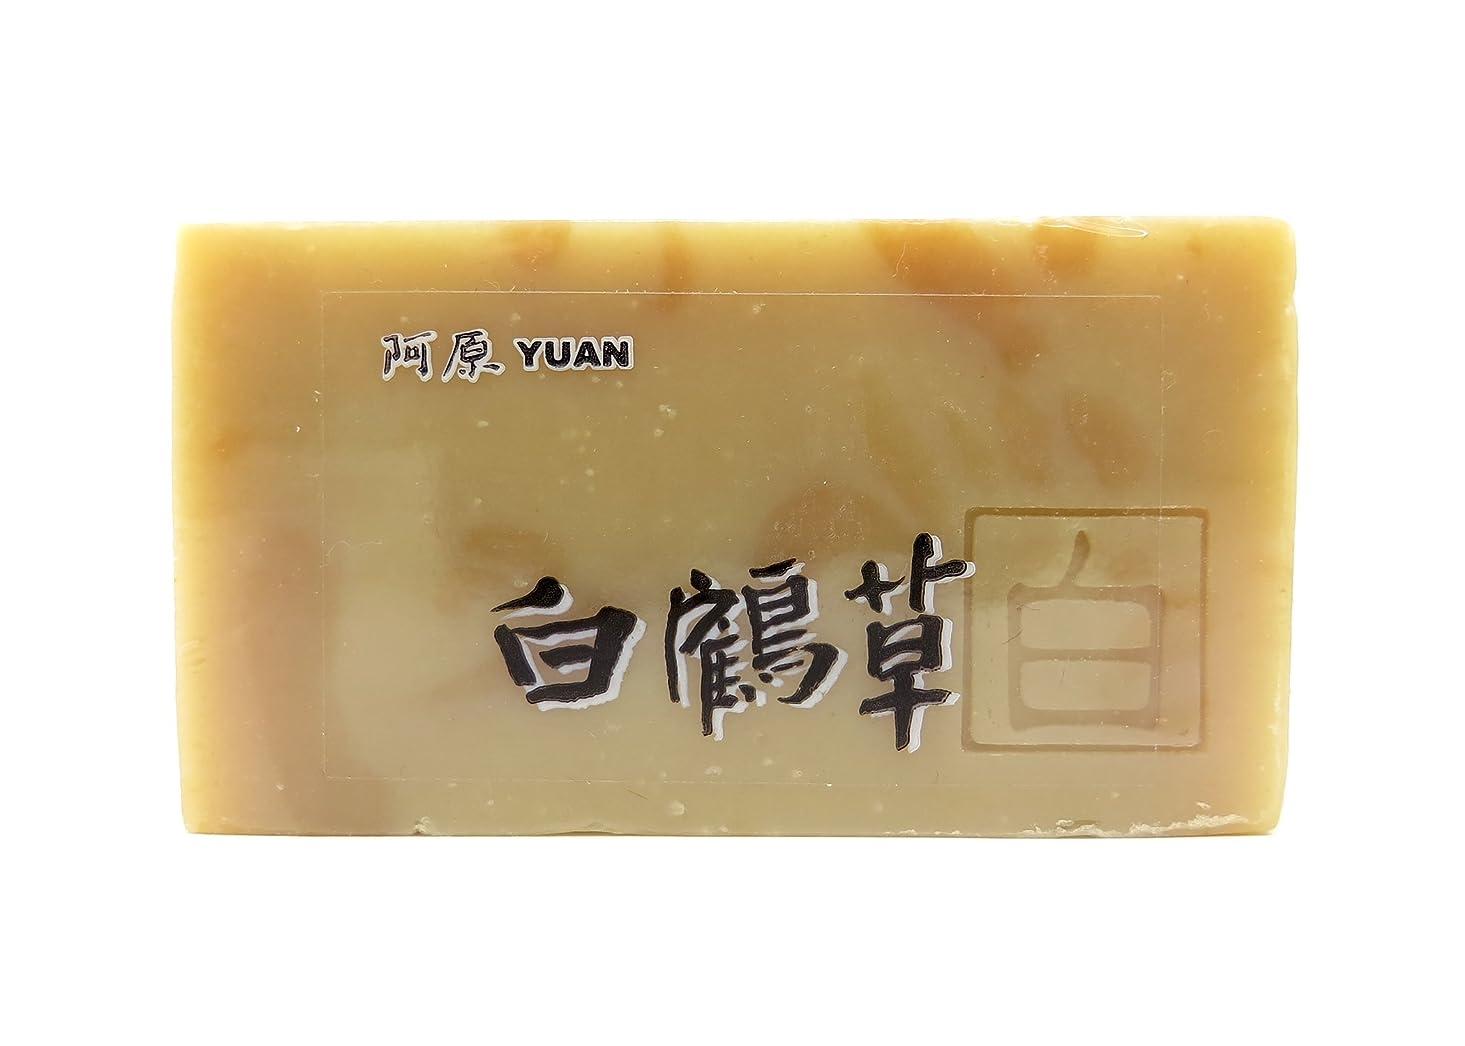 アグネスグレイテナント柔らかい足YUAN SOAP ユアンソープ ハッカクレイシ(白鶴草) 100g (阿原 石けん 台湾コスメ)